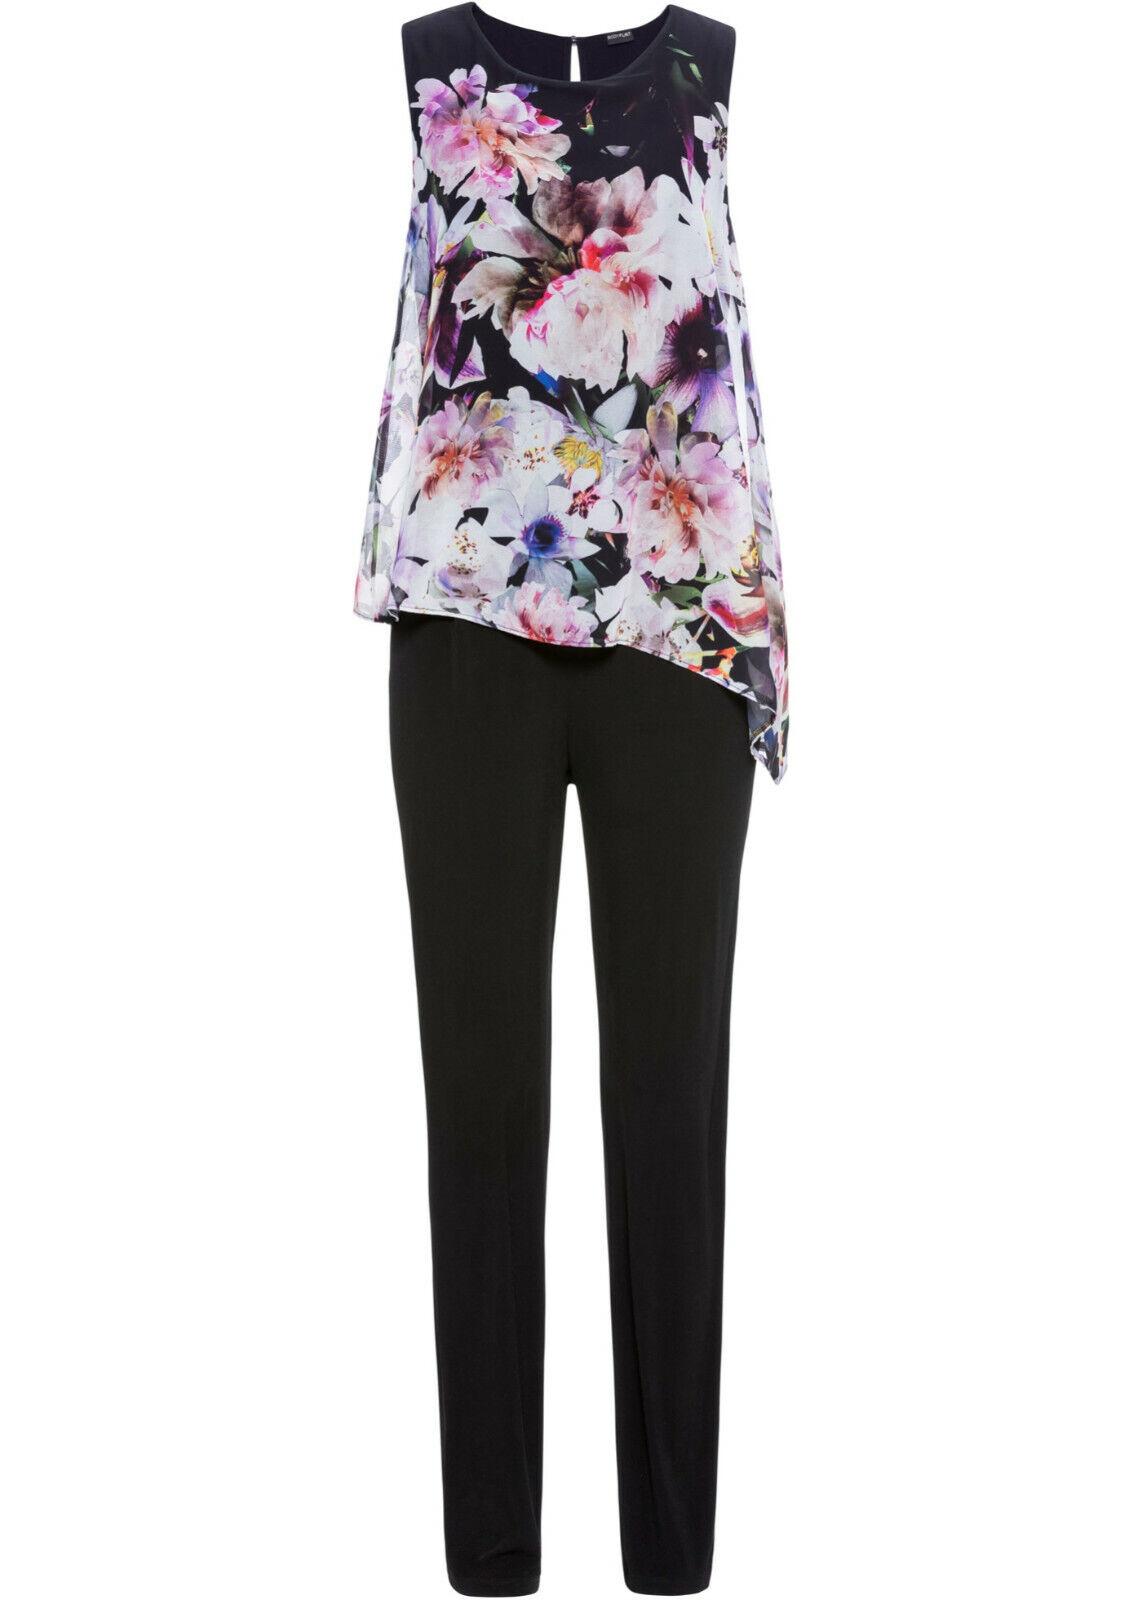 Damen Jumpsuit schwarz Blumen Elegant Overall Einteiler ärmellos Hosenanzug 003